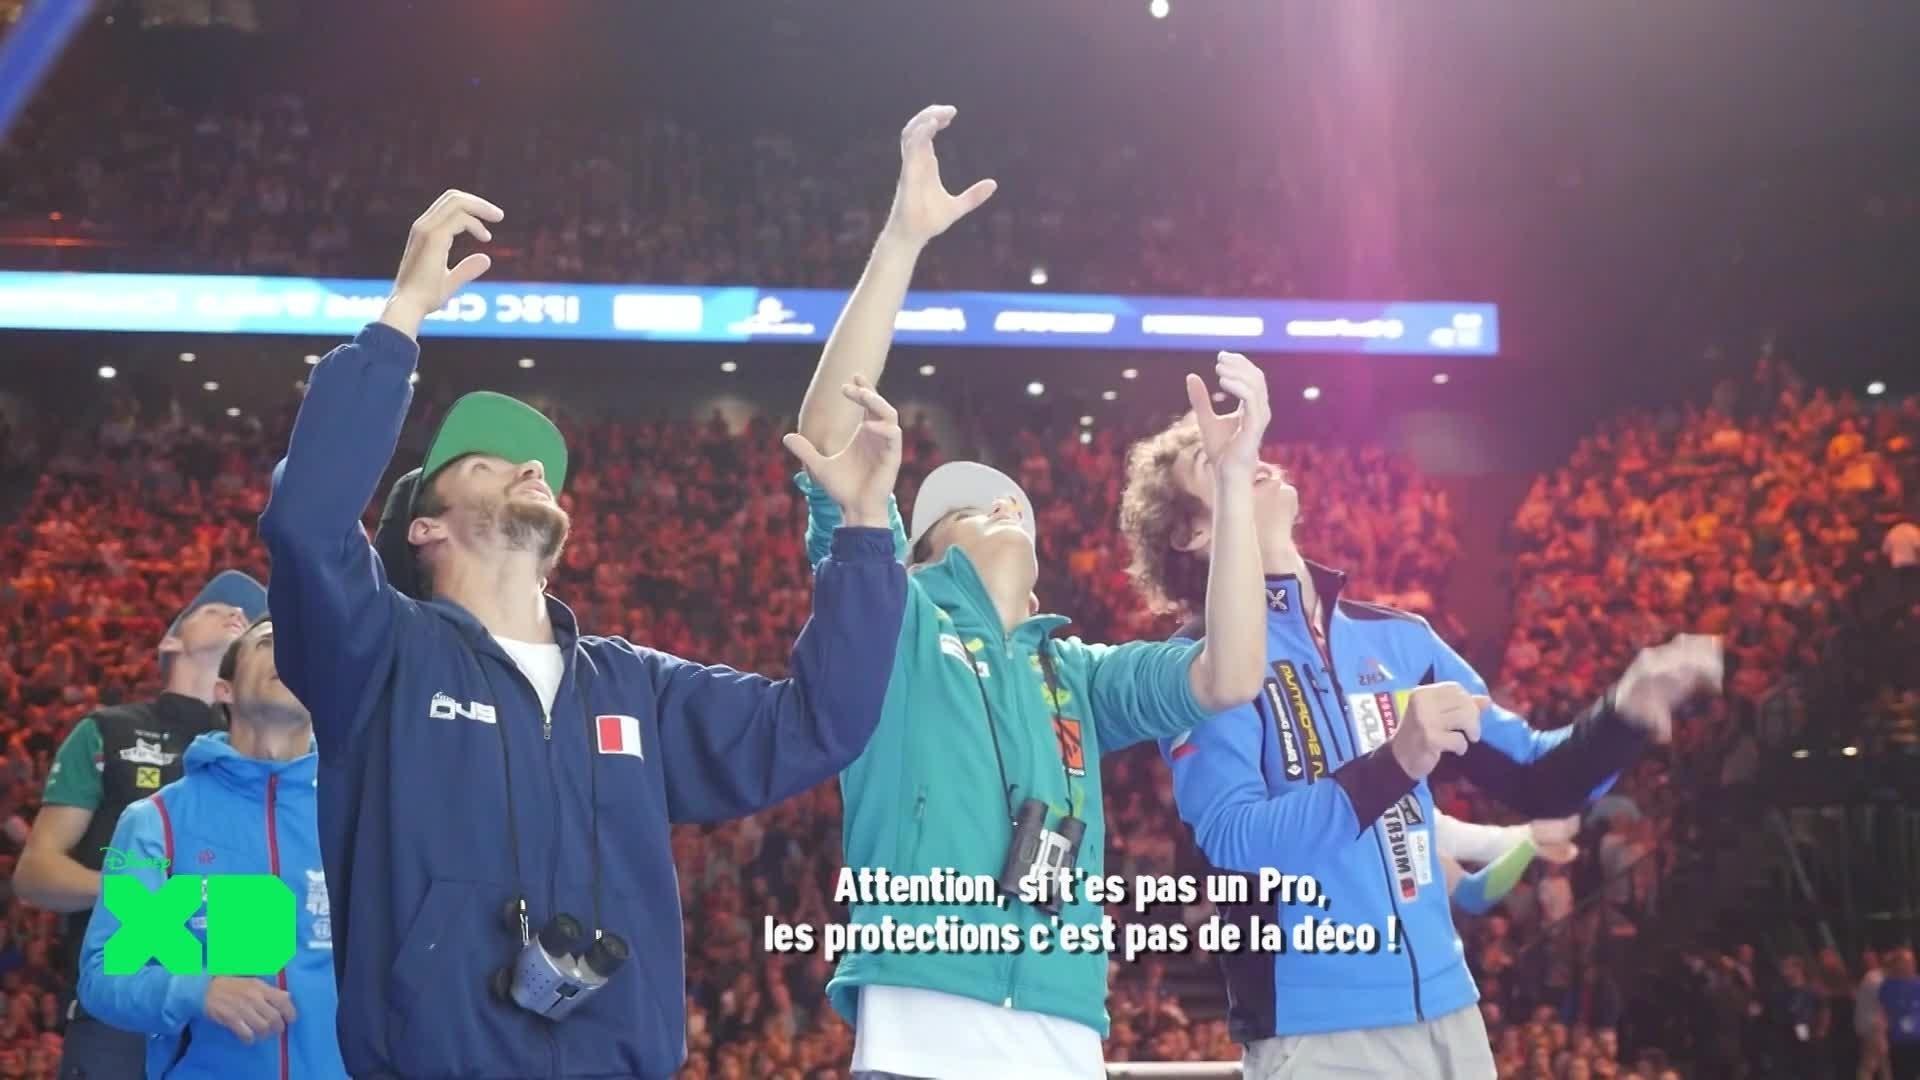 Disney XD Sport News - Paris : Escalade